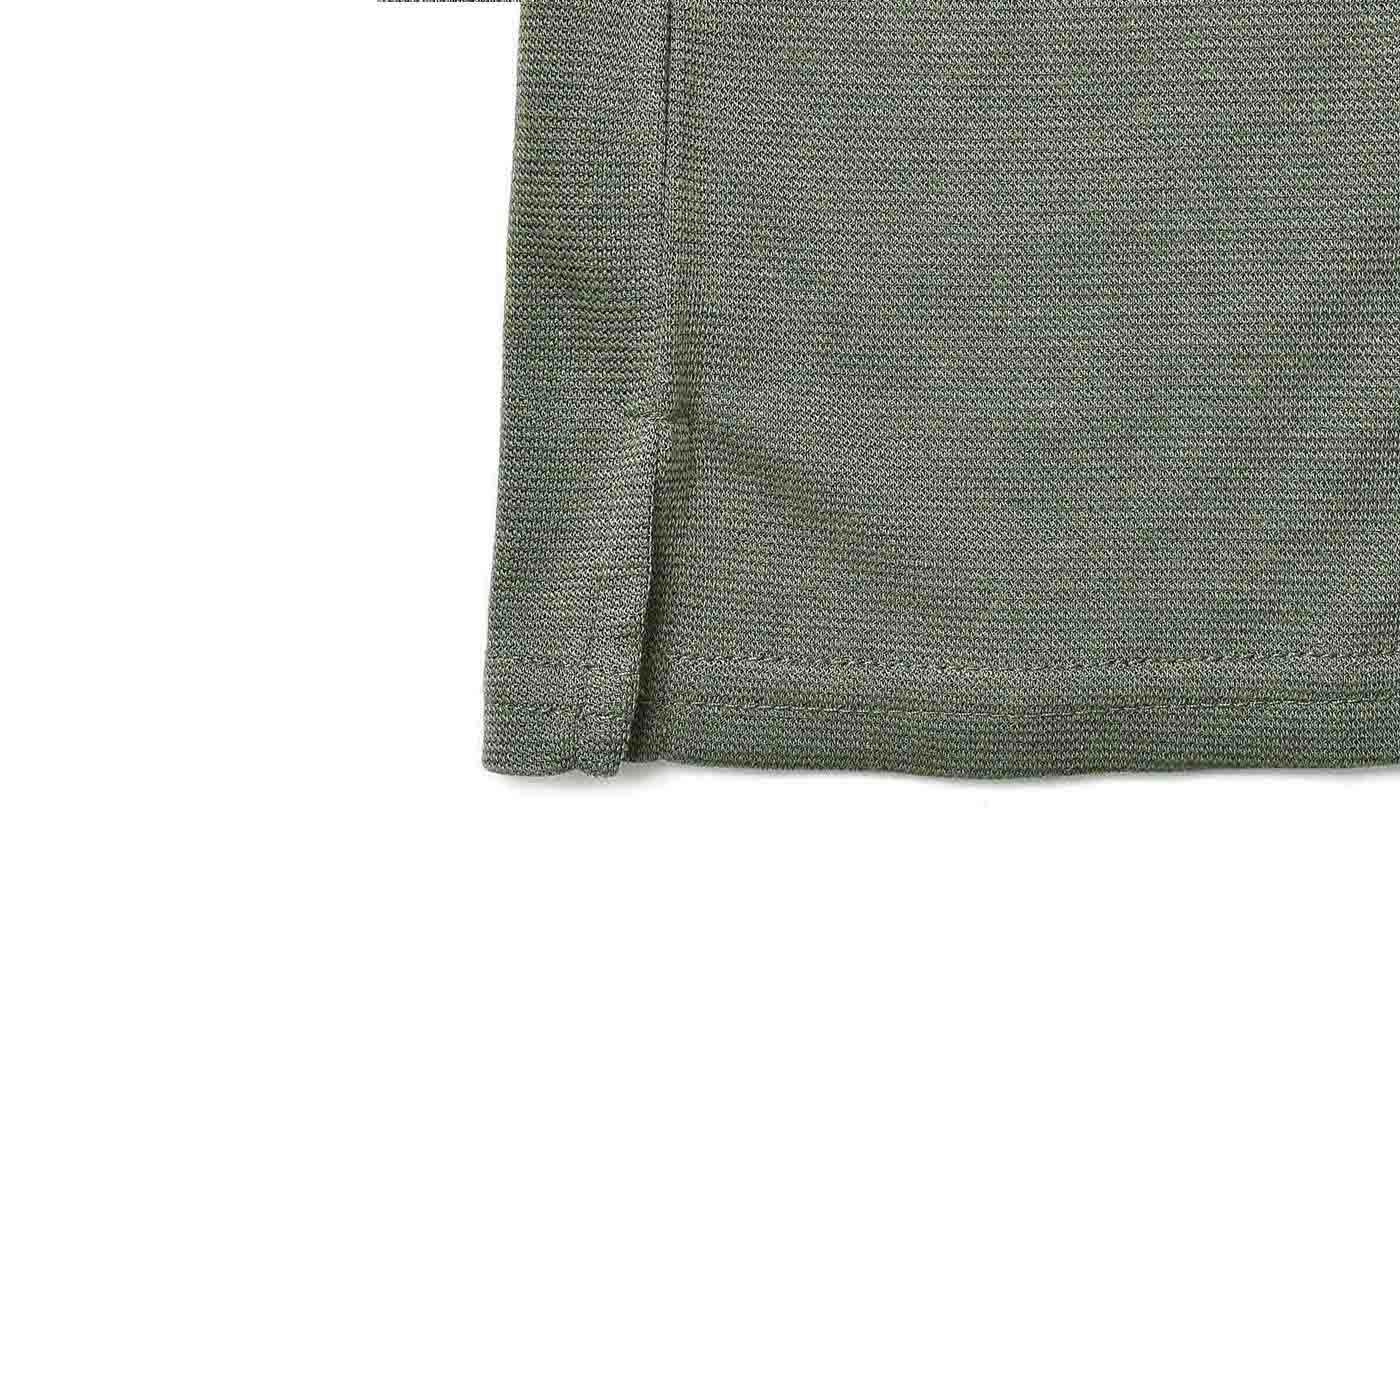 すそはスリット入りでボトムスオーバーの着こなしも、バランスよく軽やかに決まります。